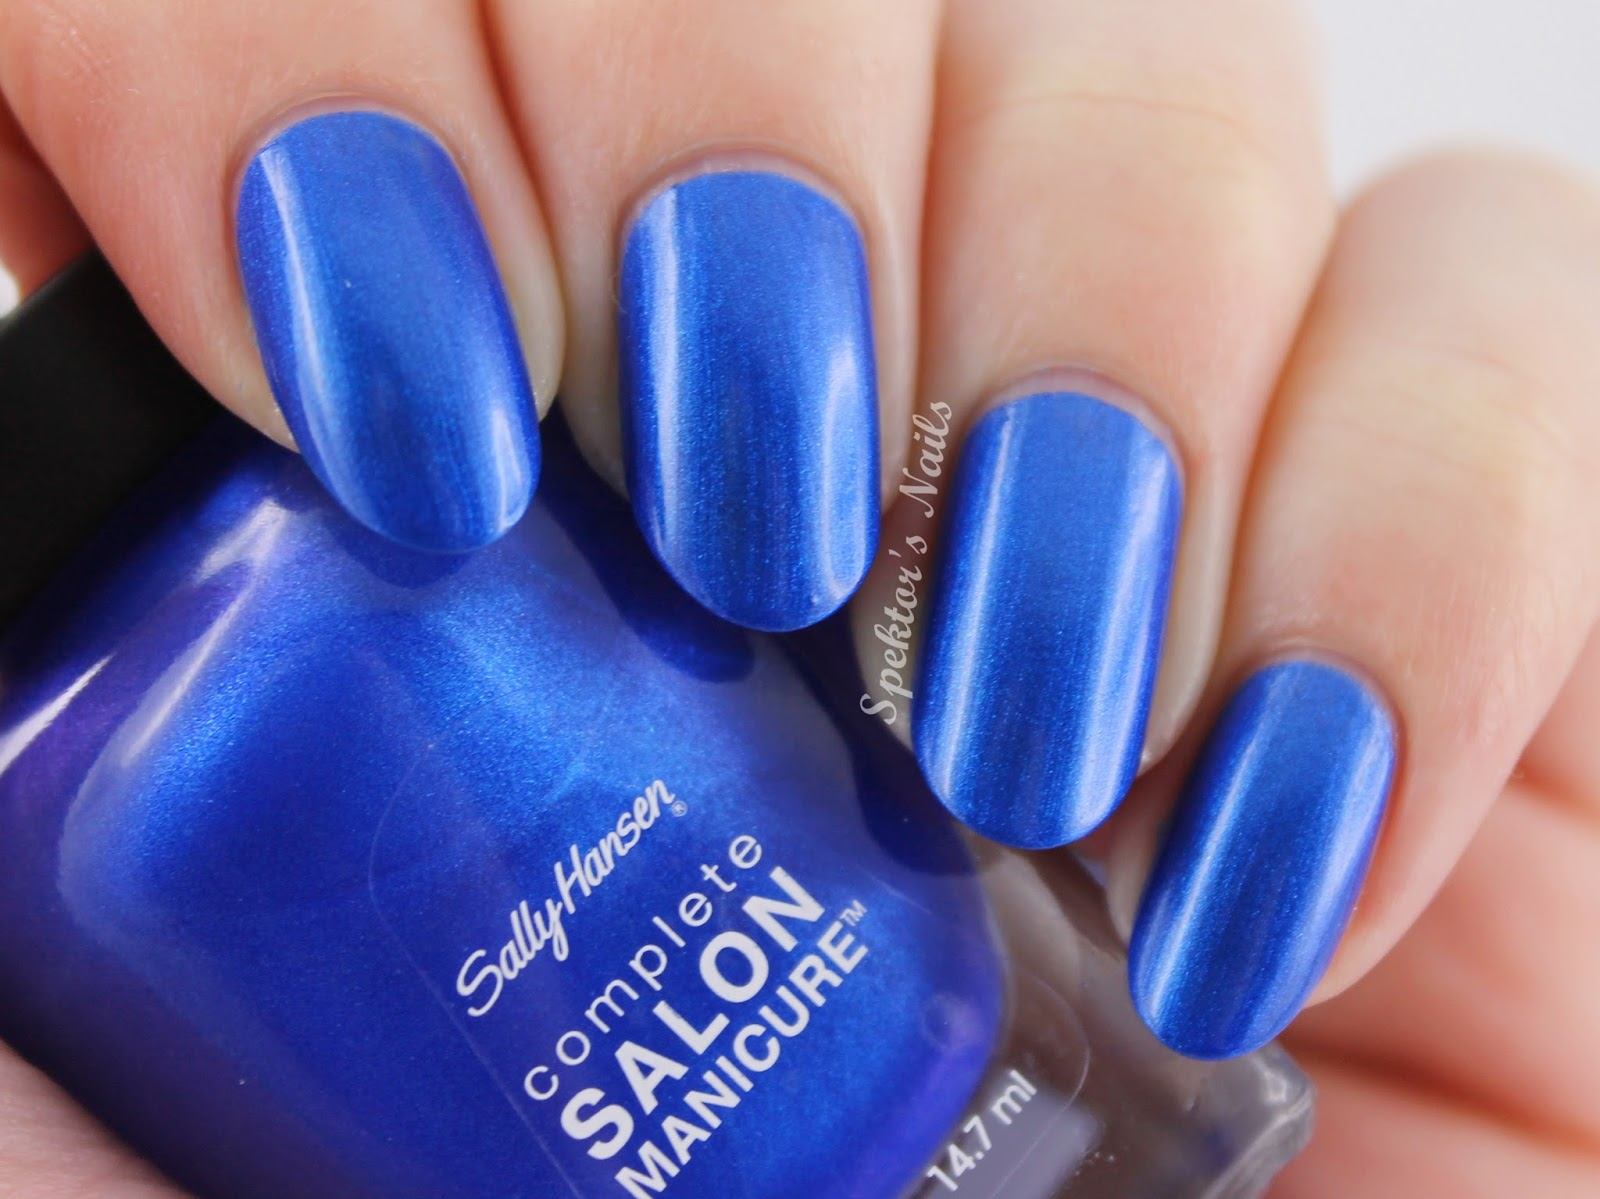 Sally Hansen - Designer Collection 2014 Batbano Blue